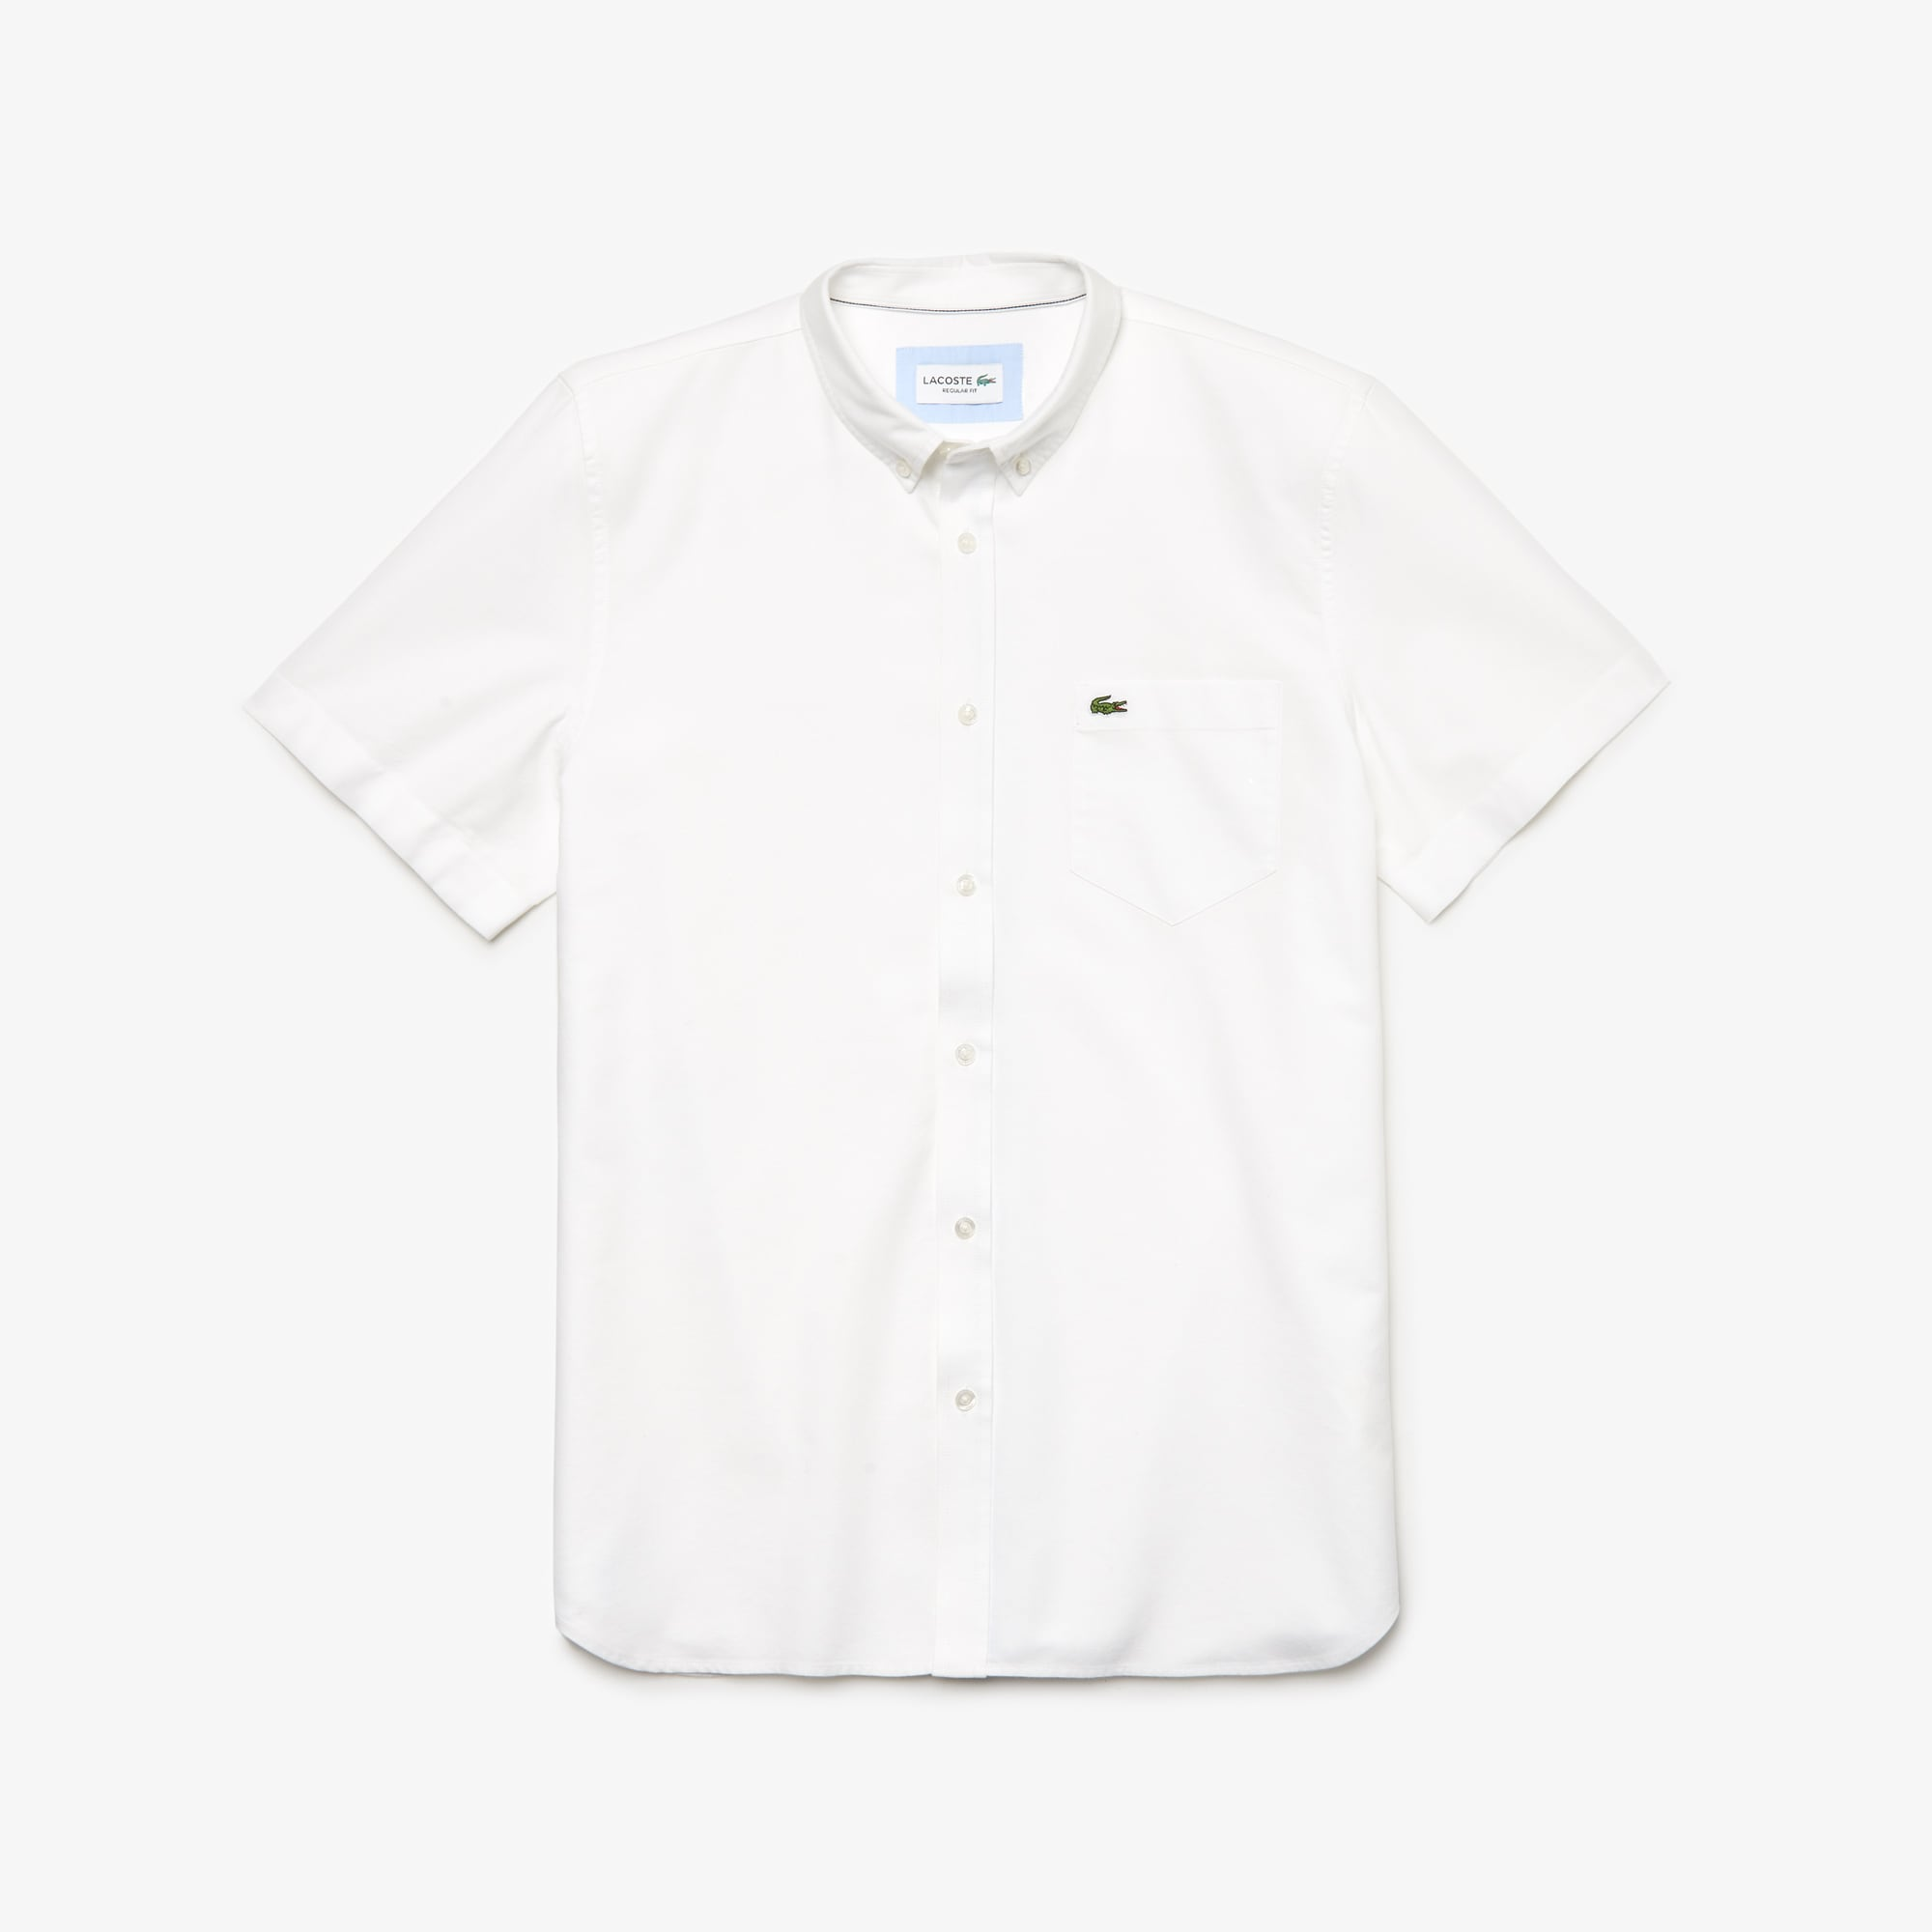 Camisa regular fit de manga curta em algodão Oxford unicolor